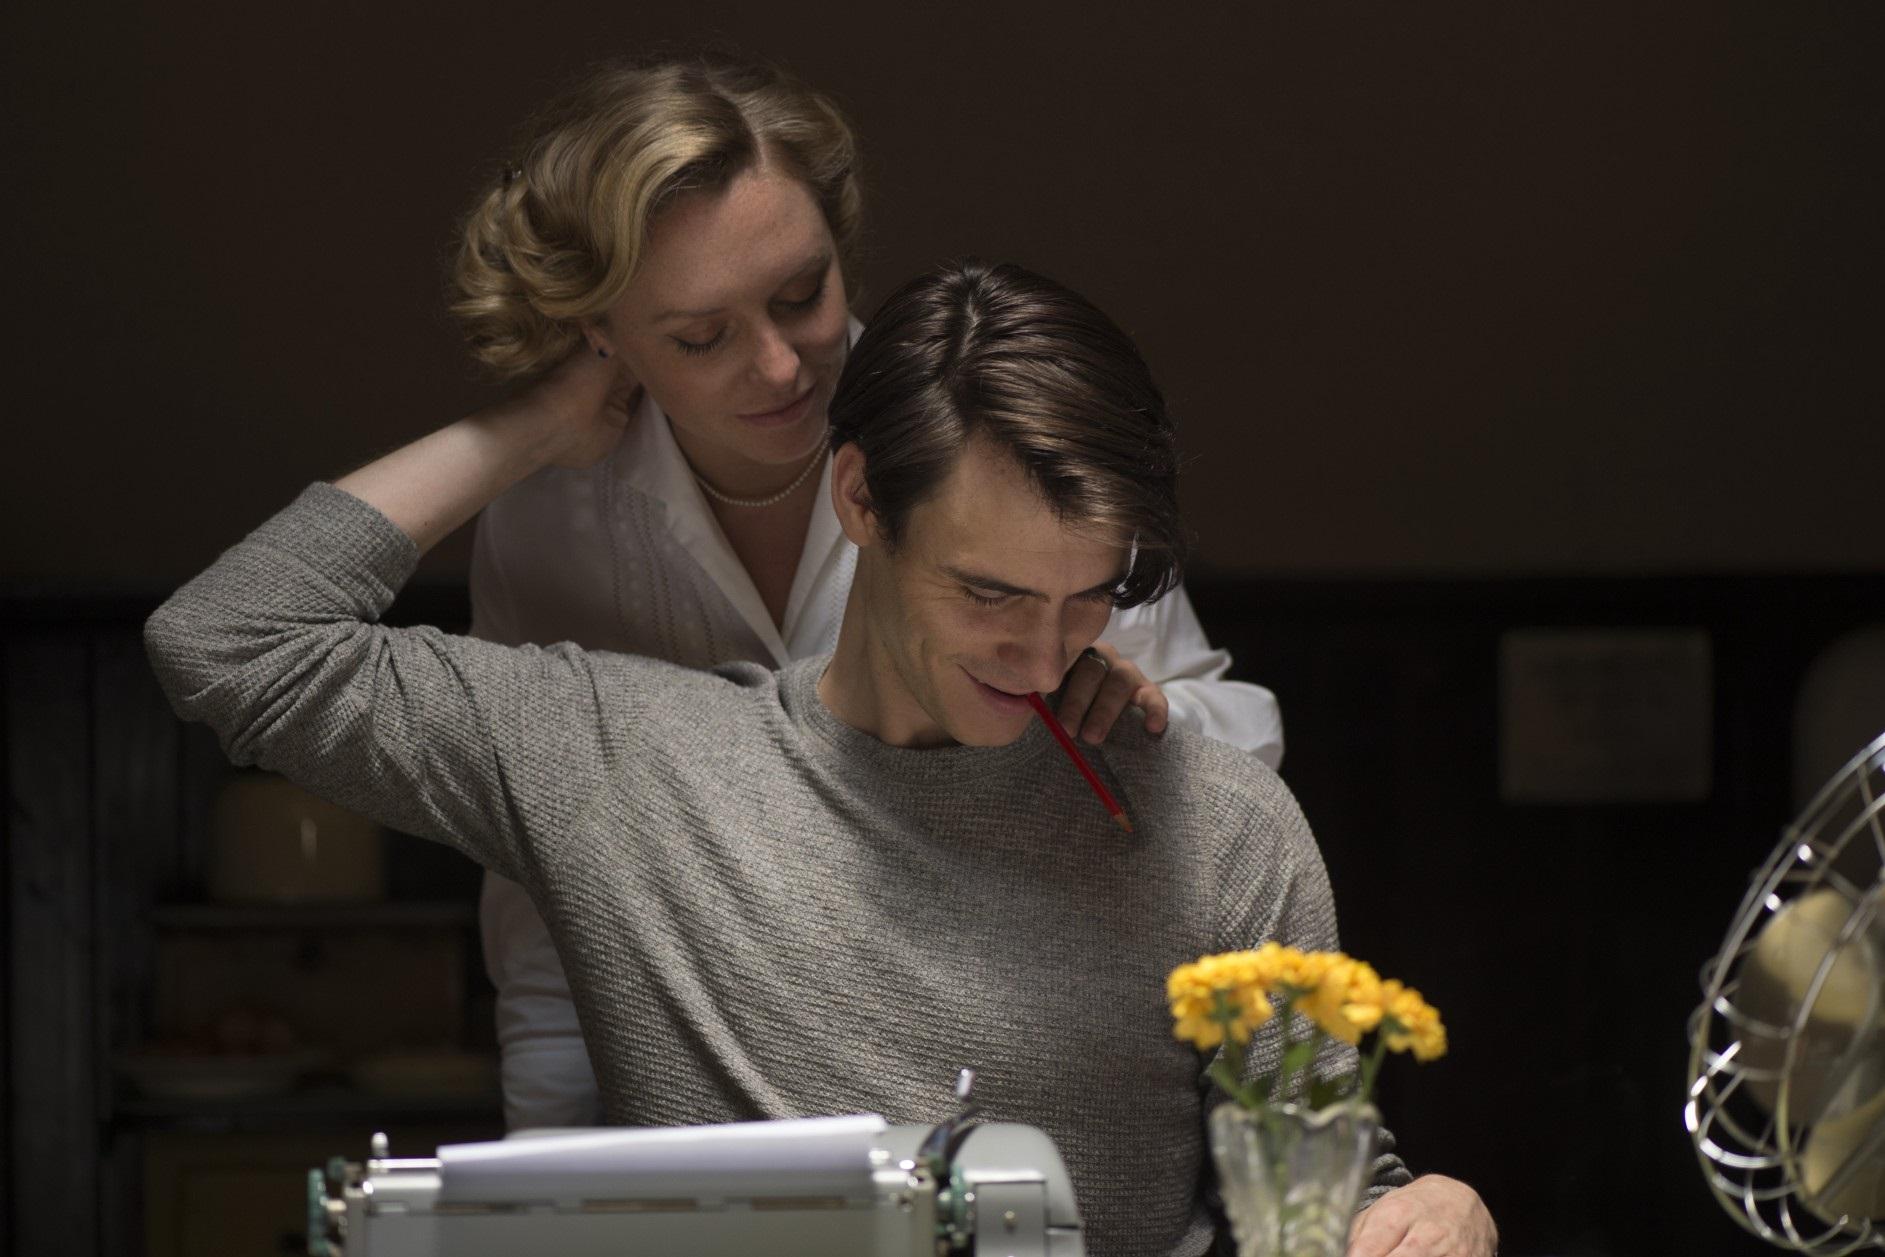 The Wife - Vivere nell'ombra: Annie Starke e Harry Lloyd in una scena del film